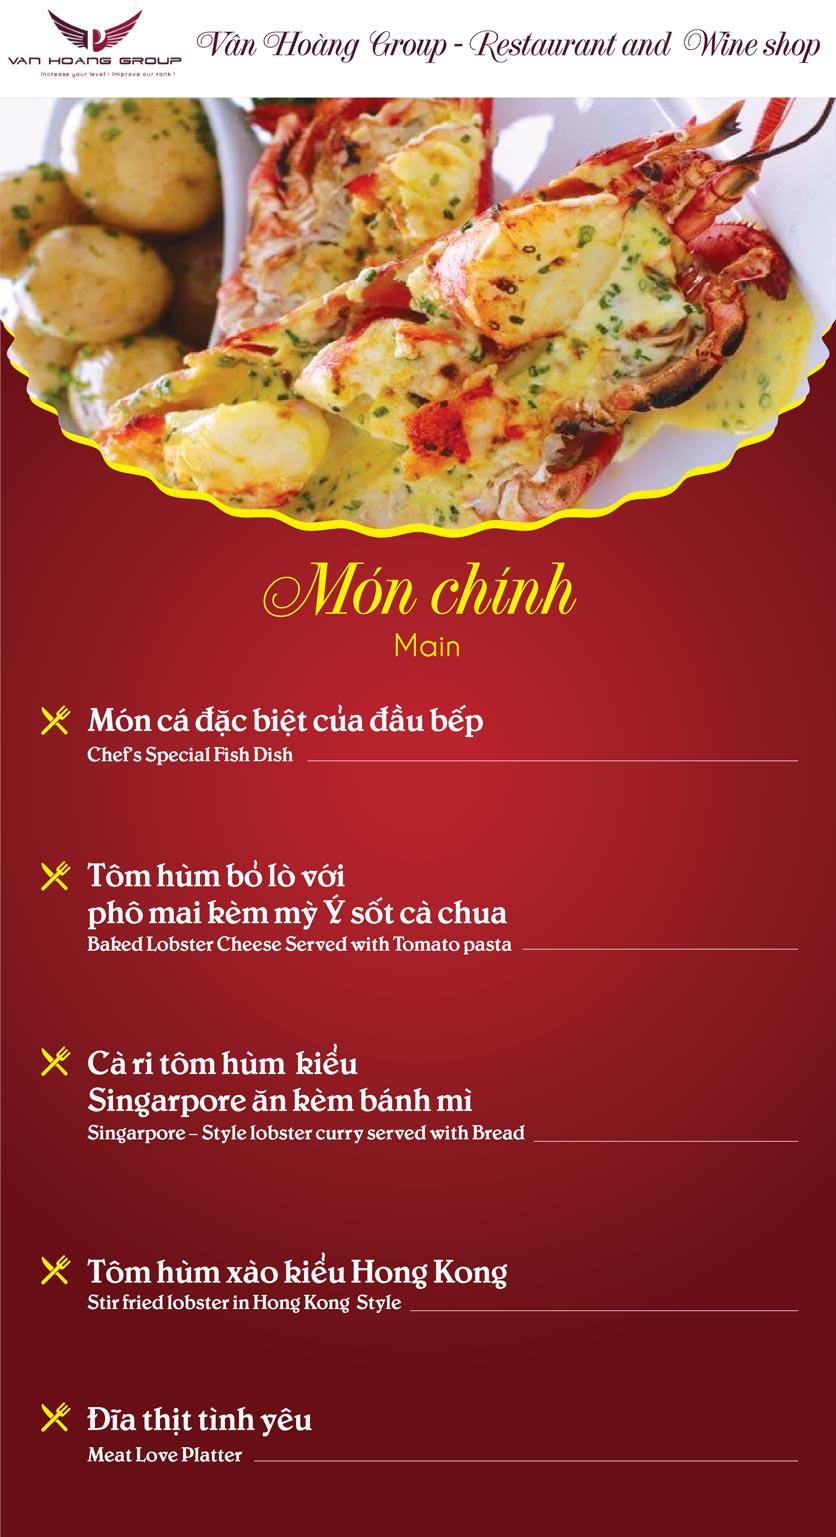 Menu Vân Hoàng Group – Restaurant & Wine Shop – Văn Quán  8